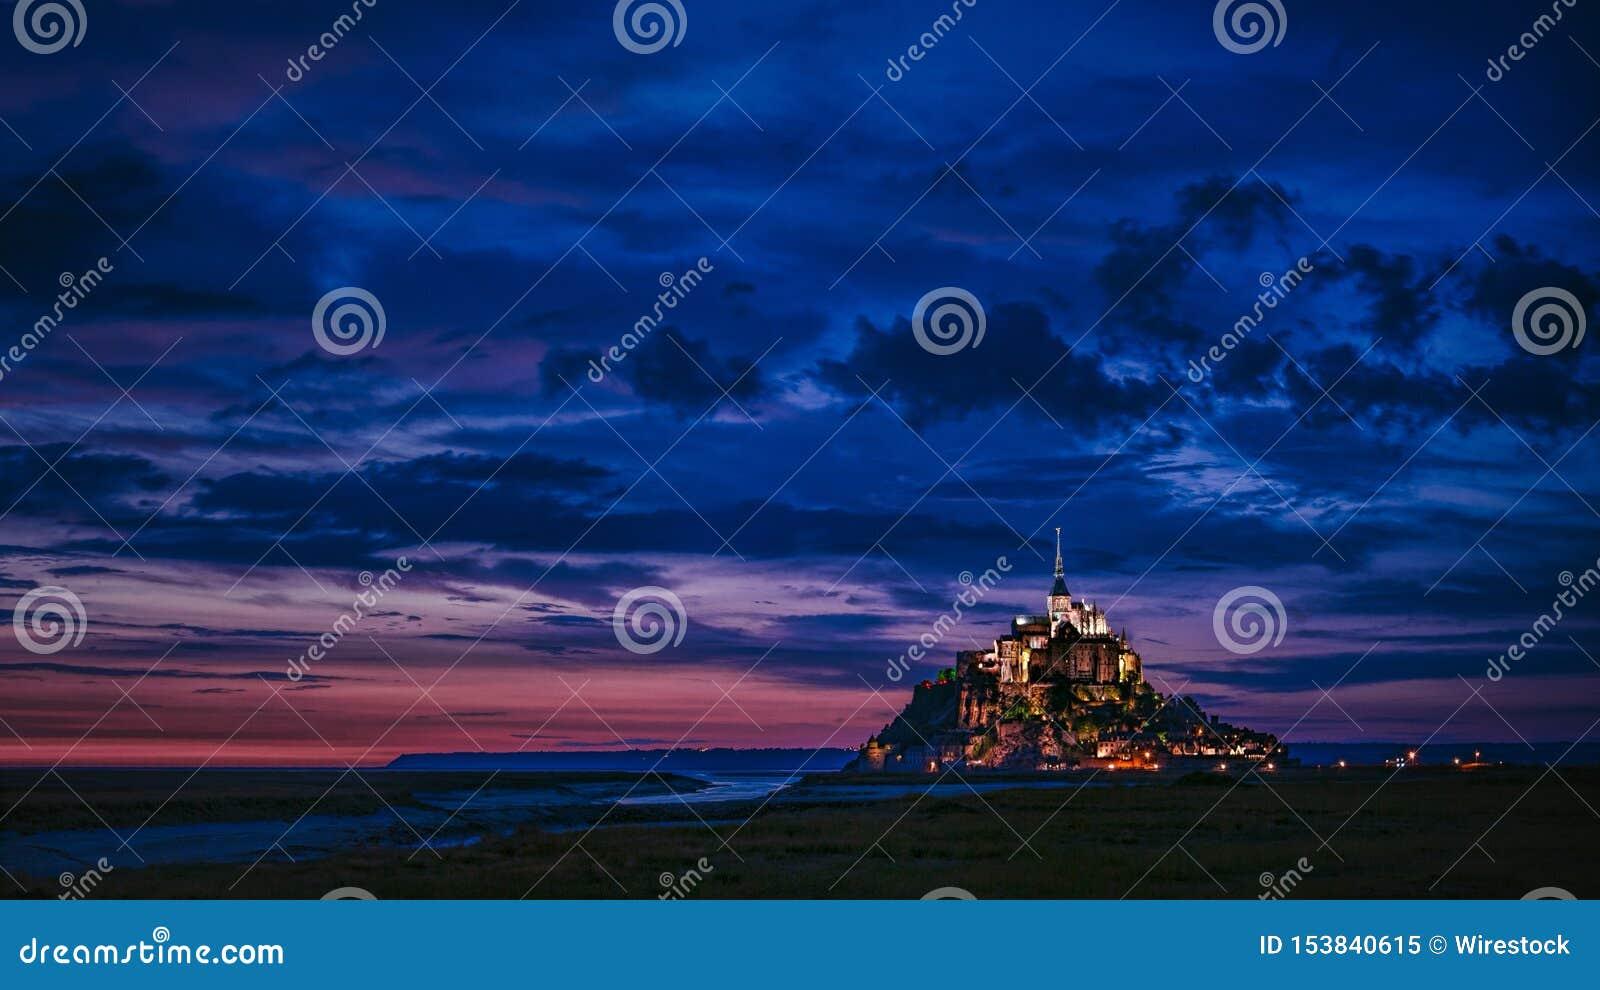 Breiter Schuss eines belichteten Schlosses im Abstand mit dem Überraschen von blauen Wolken im Himmel